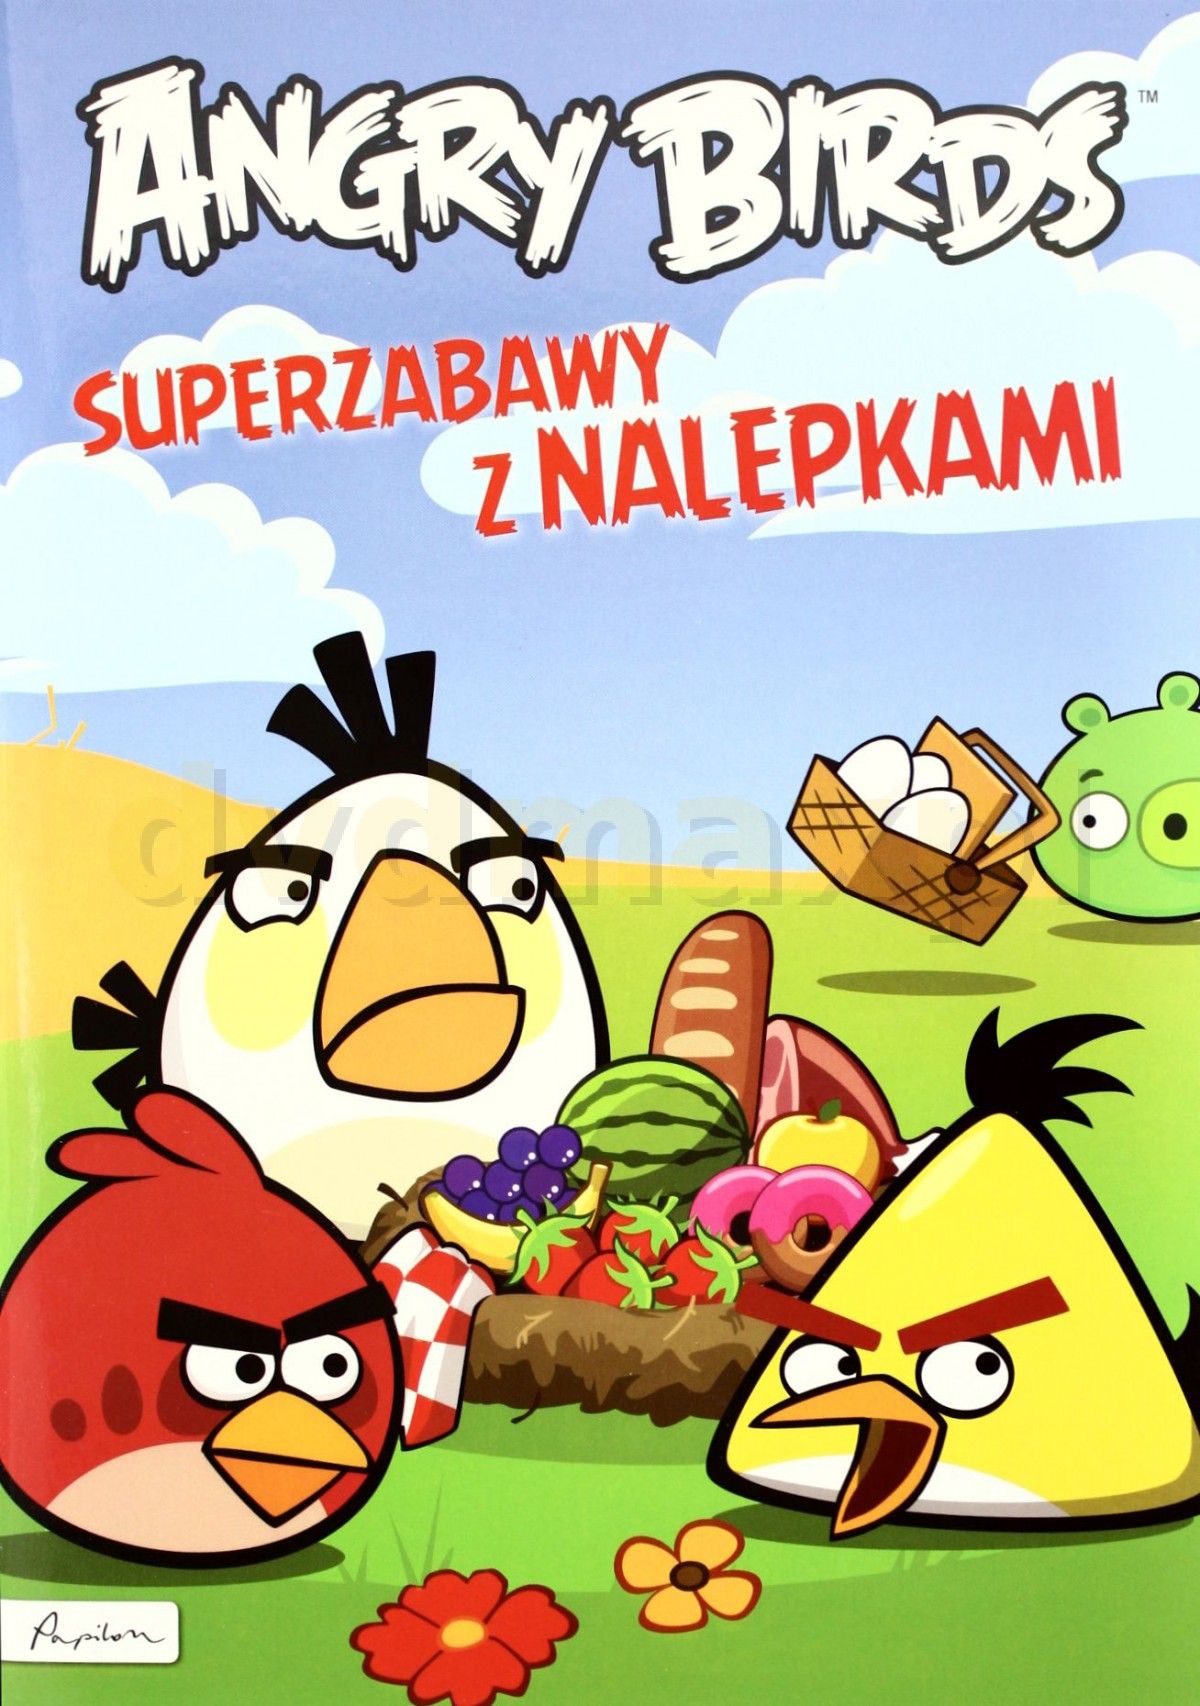 Angry Birds Superzabawy Z Nalepkami [KSIĄŻKA] - brak